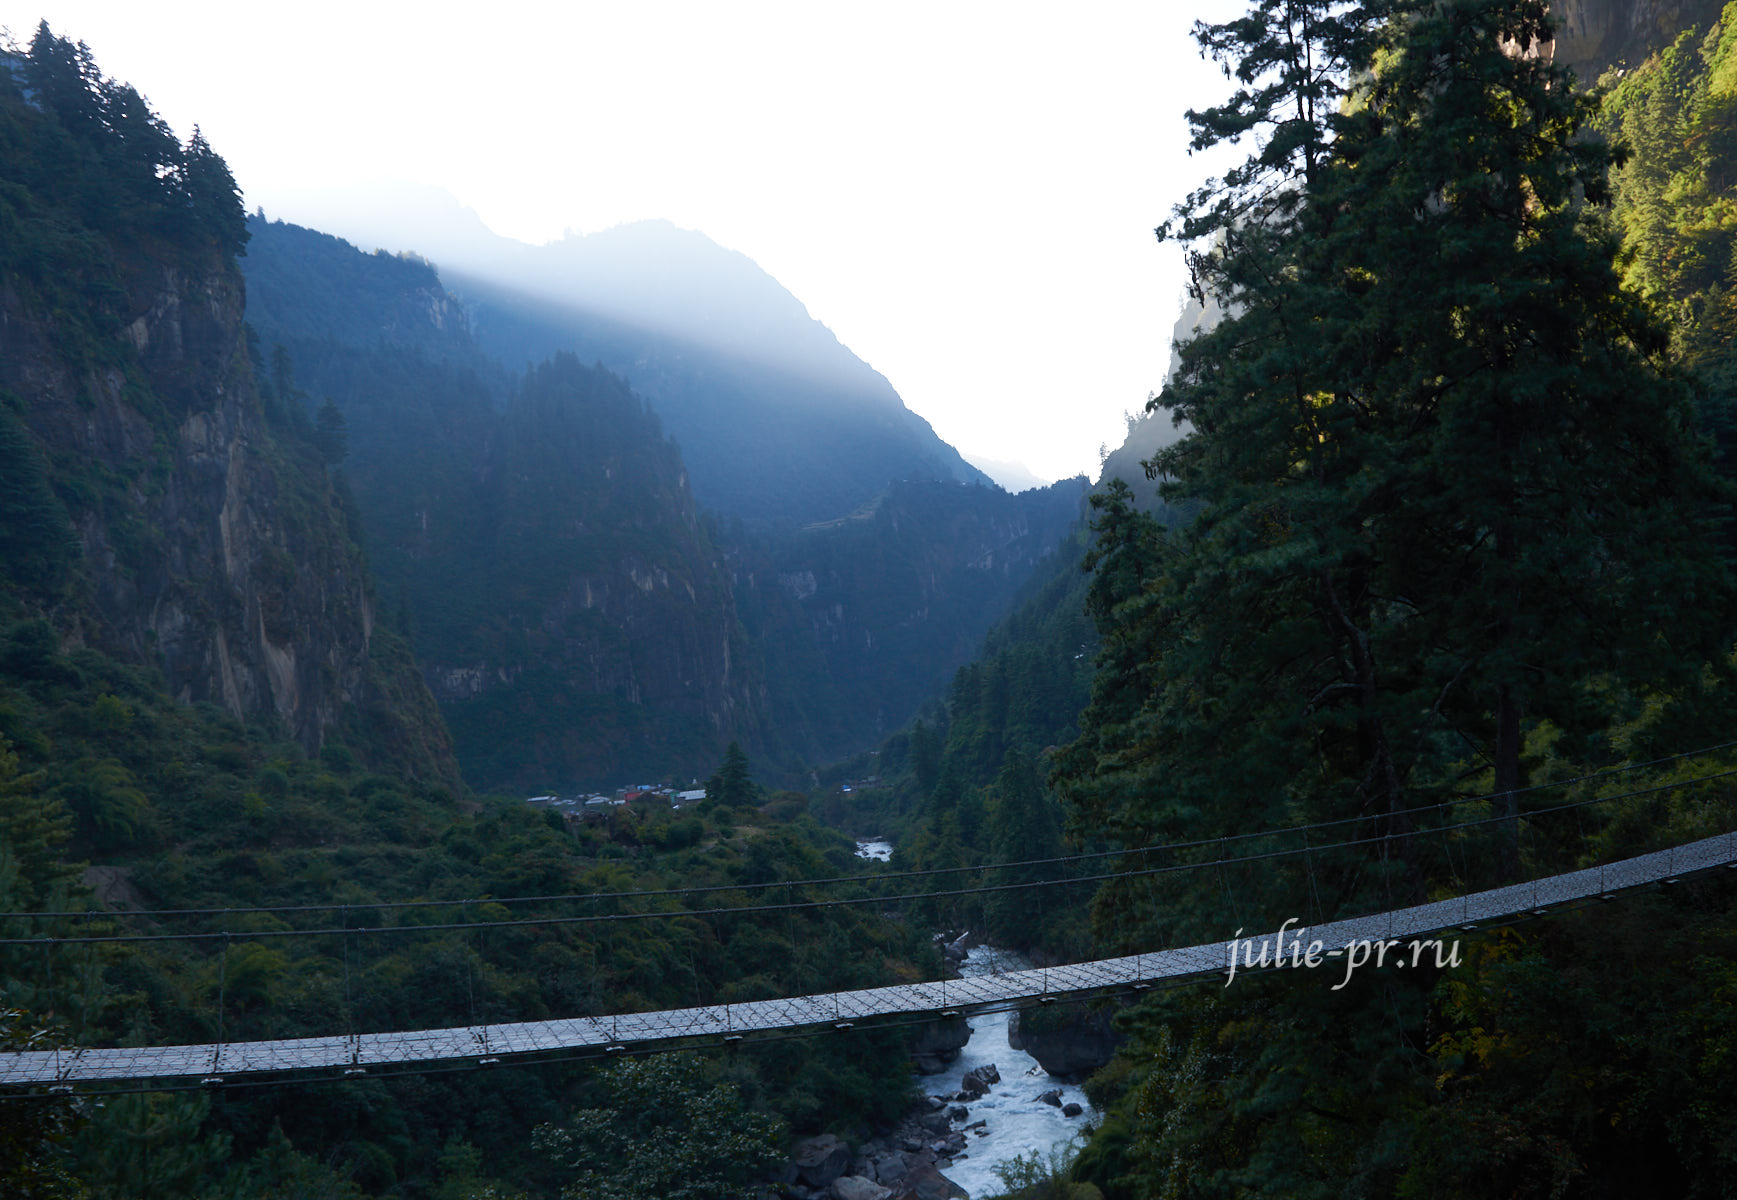 Непал, Трек вокруг Аннапурны, река